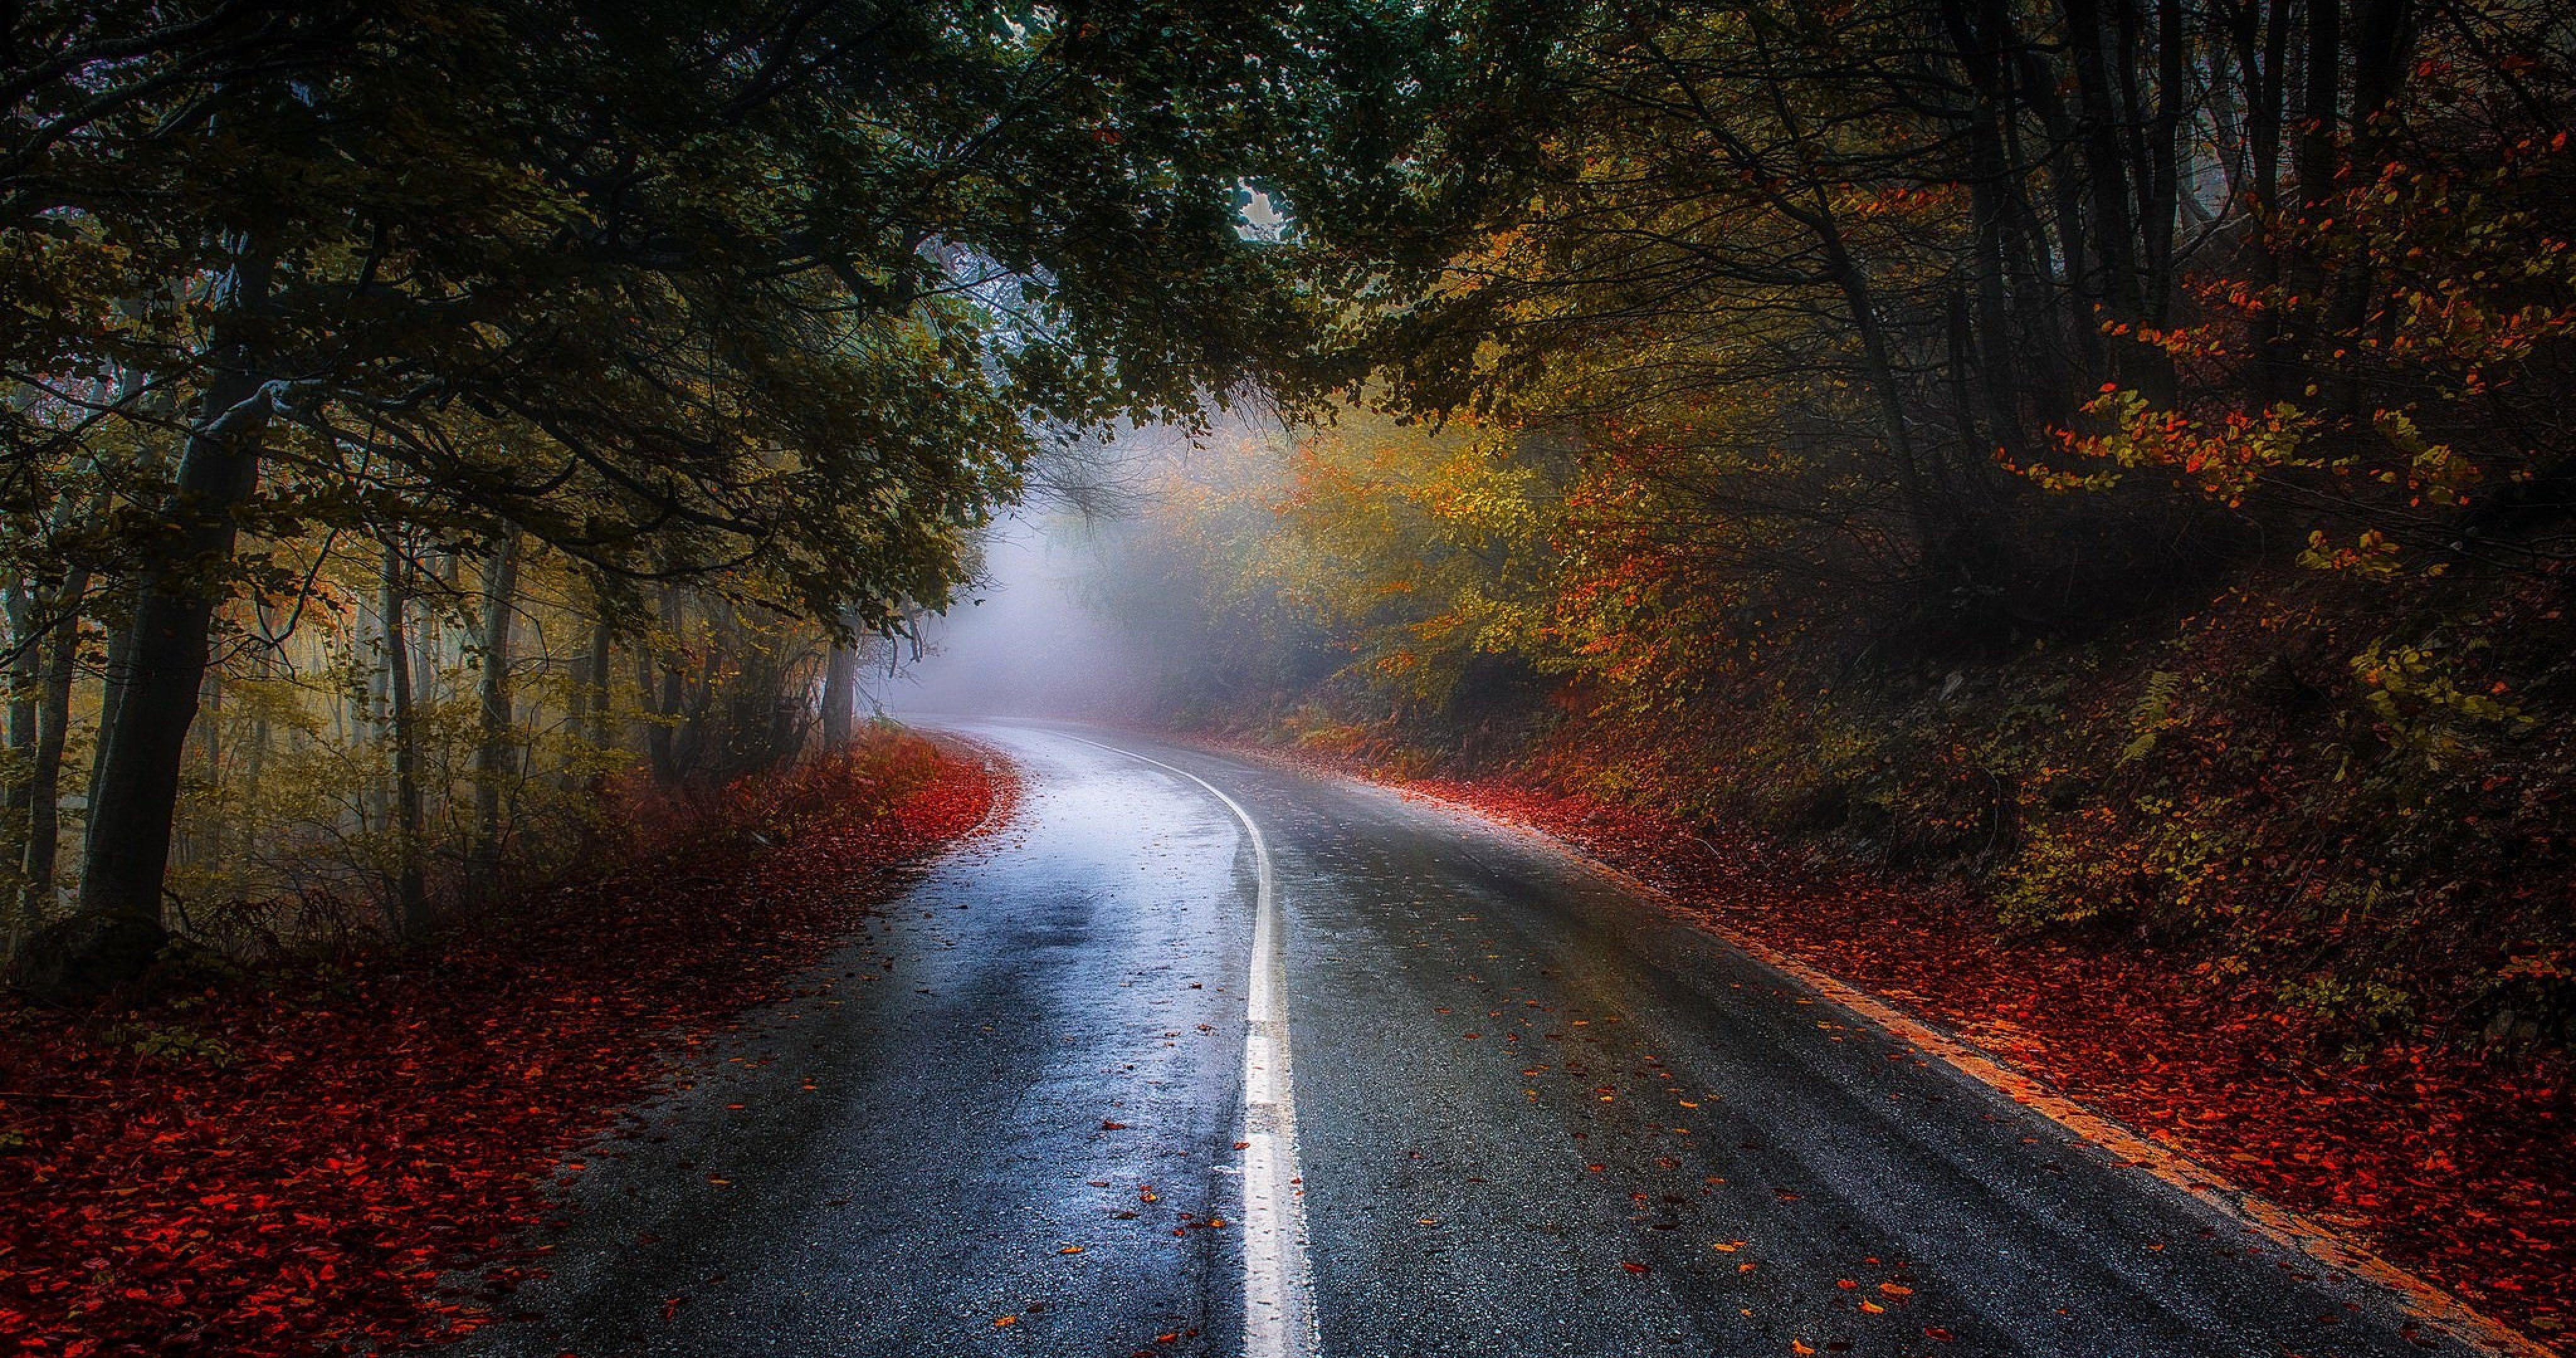 Ultra hd autumn wallpapers top free ultra hd autumn backgrounds wallpaperaccess - 4096x2160 wallpaper ...